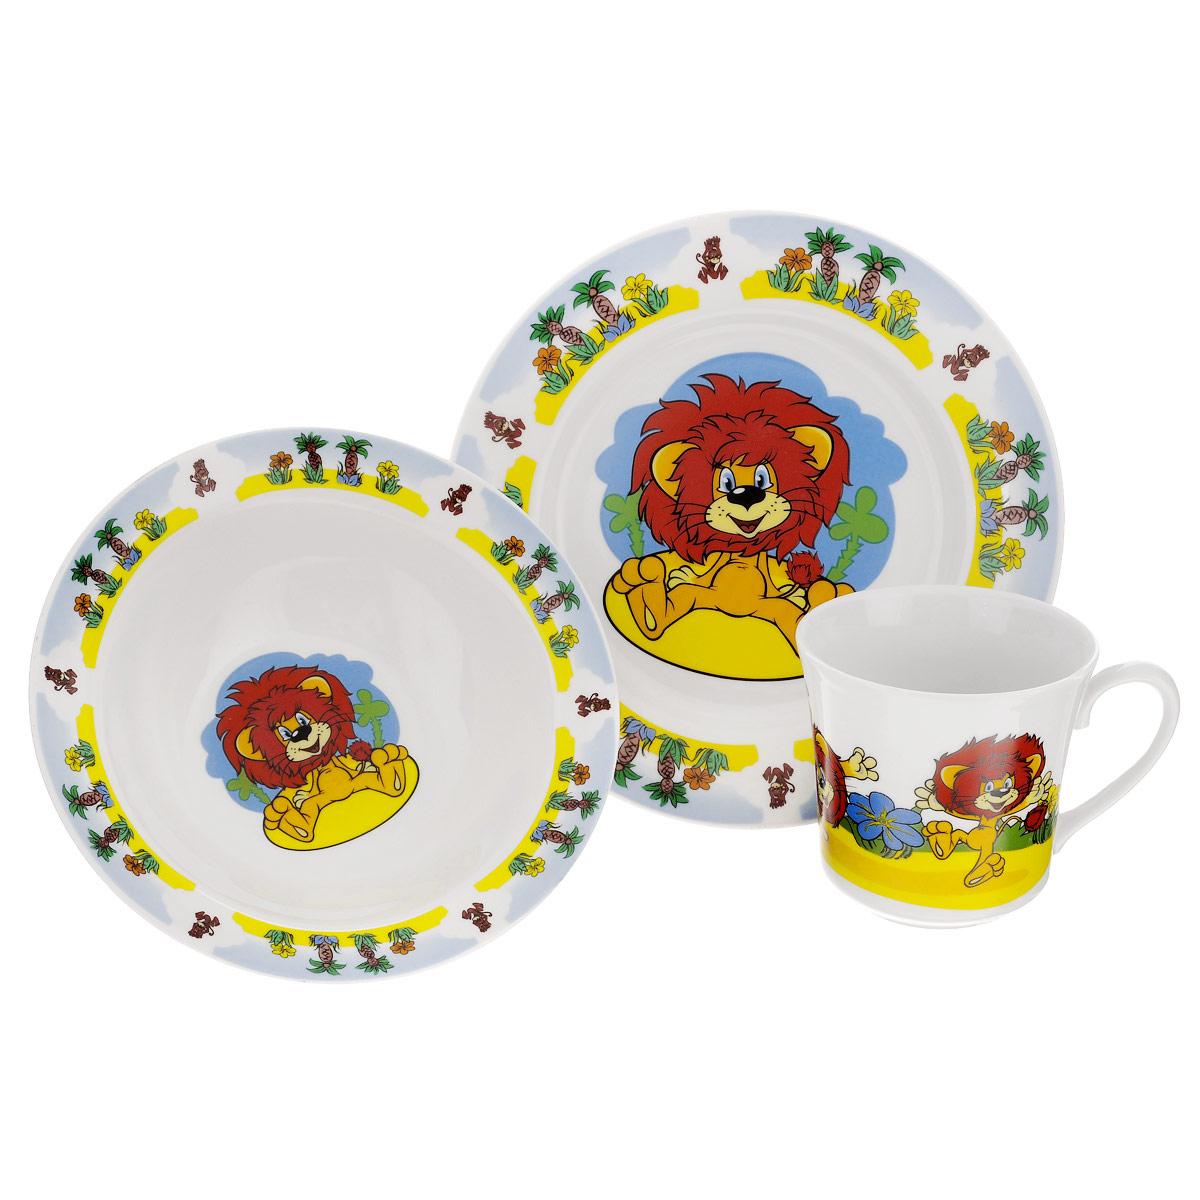 Набор детской фарфоровой посуды Союзмультфильм Как львенок и черепаха песню пели, 3 предмета